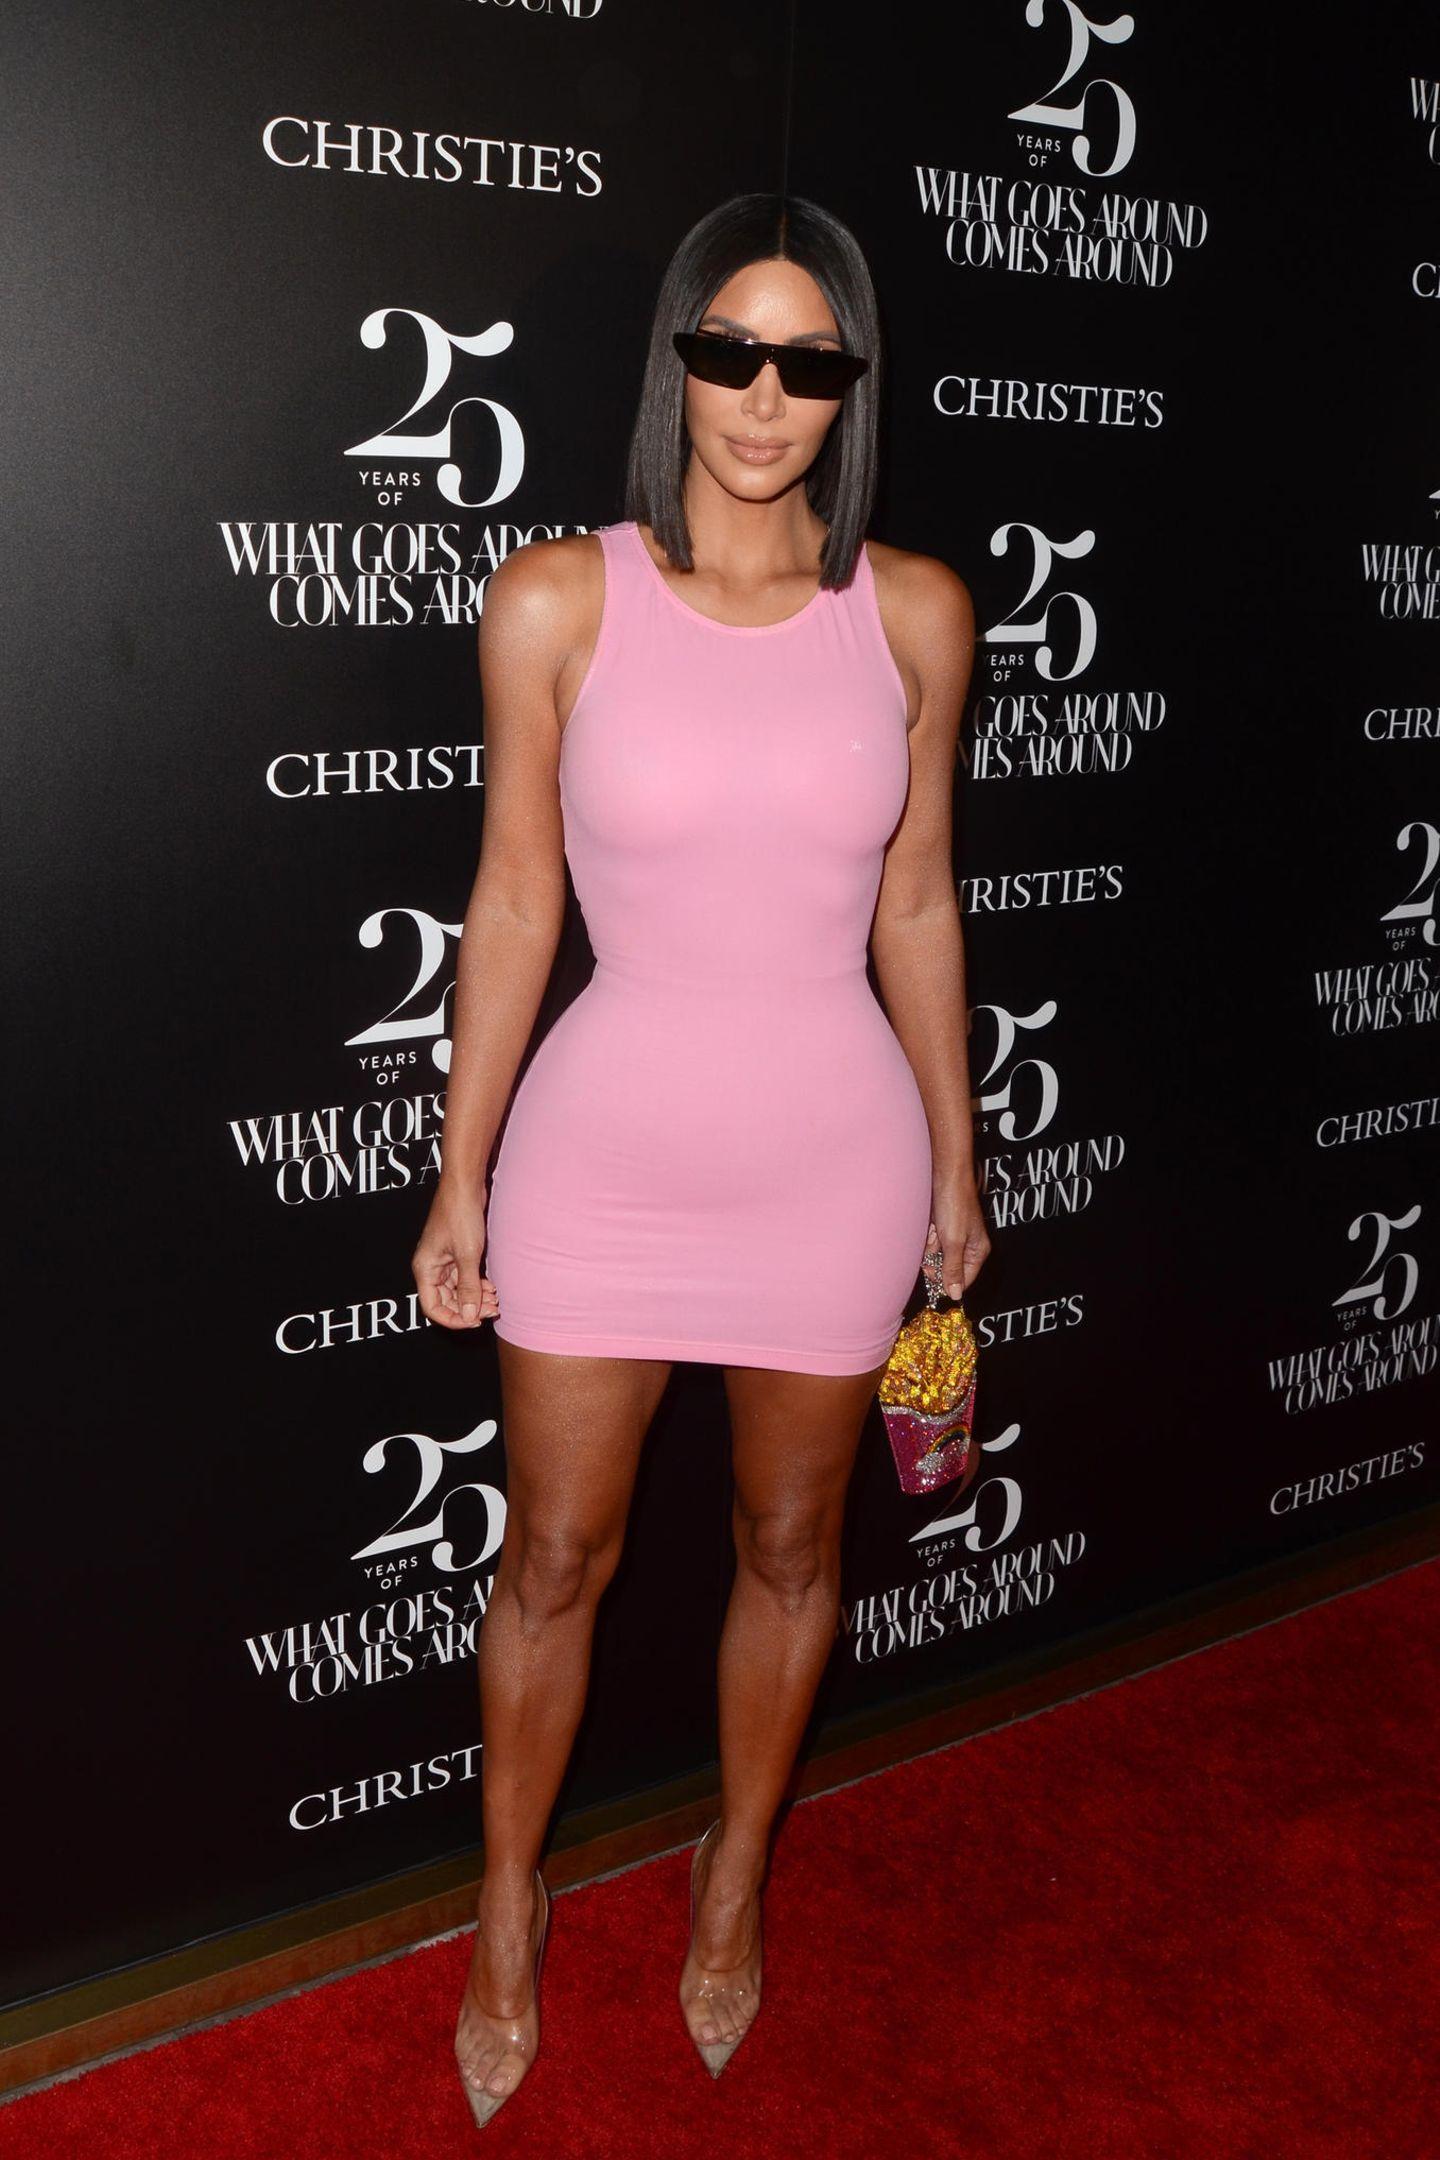 """Kurz zuvor sitzt das bonbonfarbene Mini-Dress vom Kim Kim Kardashian noch perfekt. Seelenruhig posiert sie für die Fotografen der """"What Goes Around Comes Around""""-Party in Los Angeles und setzt ihren kurvigen Körper in Szene. Übrigens: Die coole Pommes-Tasche von Designerin Judith Leiber ist für schlappe 5.700 Euro sogar noch zu haben!"""